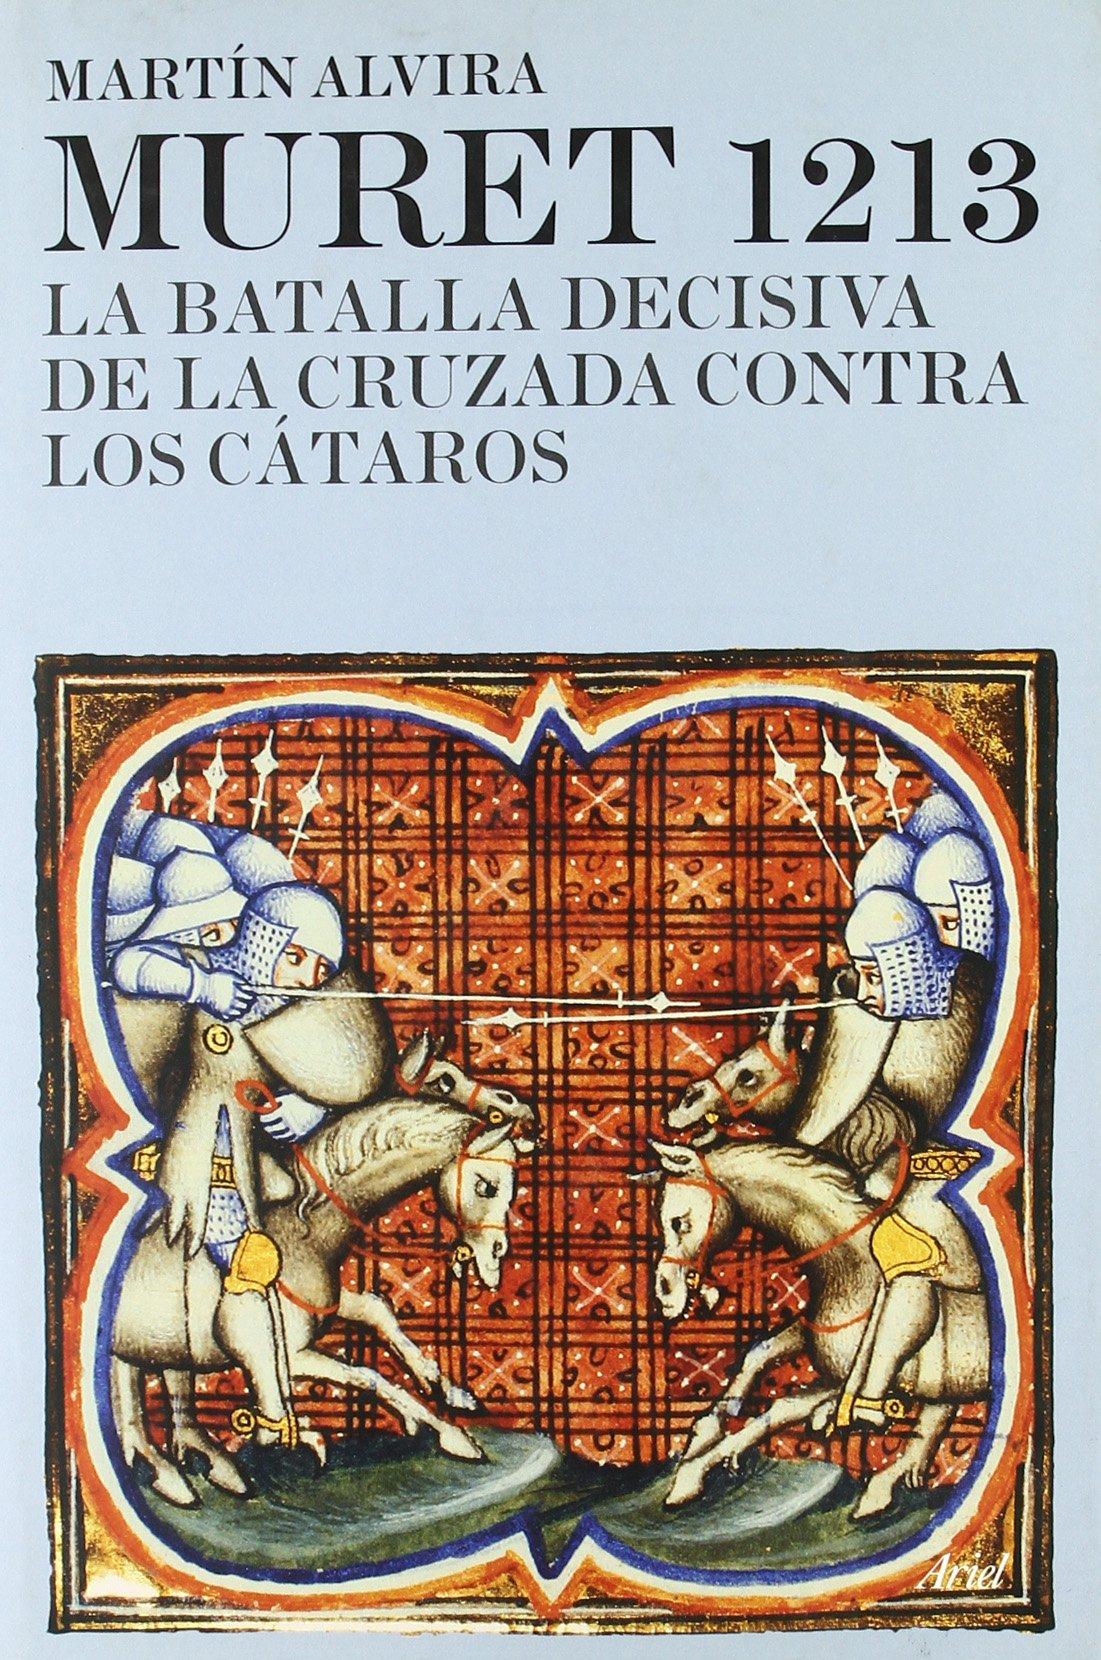 Muret 1213: La batalla decisiva de la Cruzada contra los Cátaros Grandes Batallas: Amazon.es: Alvira, Martín: Libros